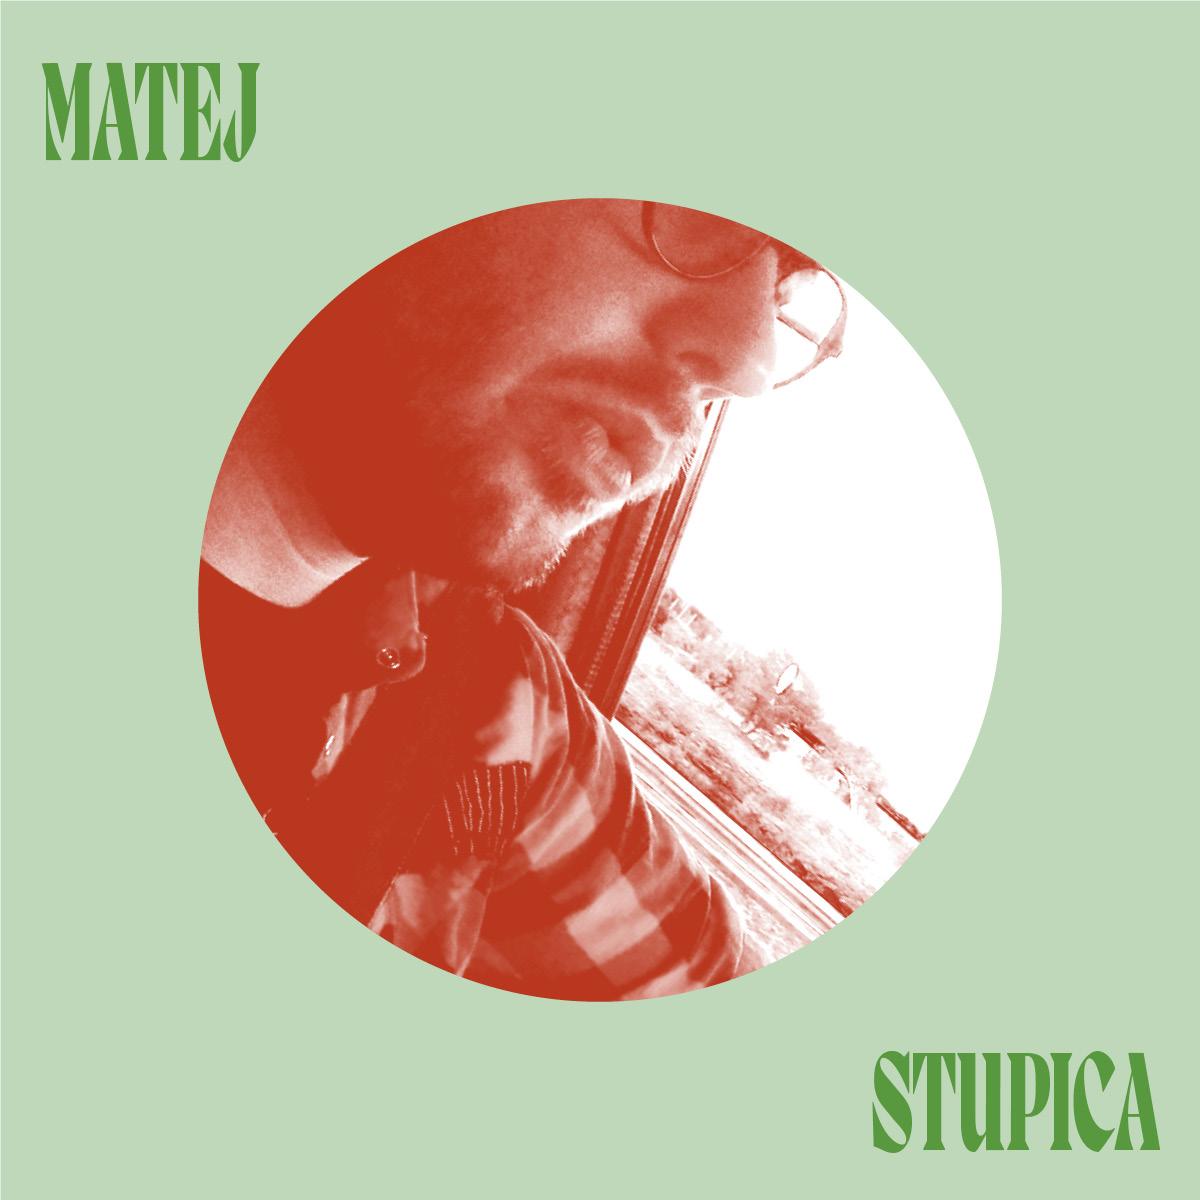 Slika Matej Stupica